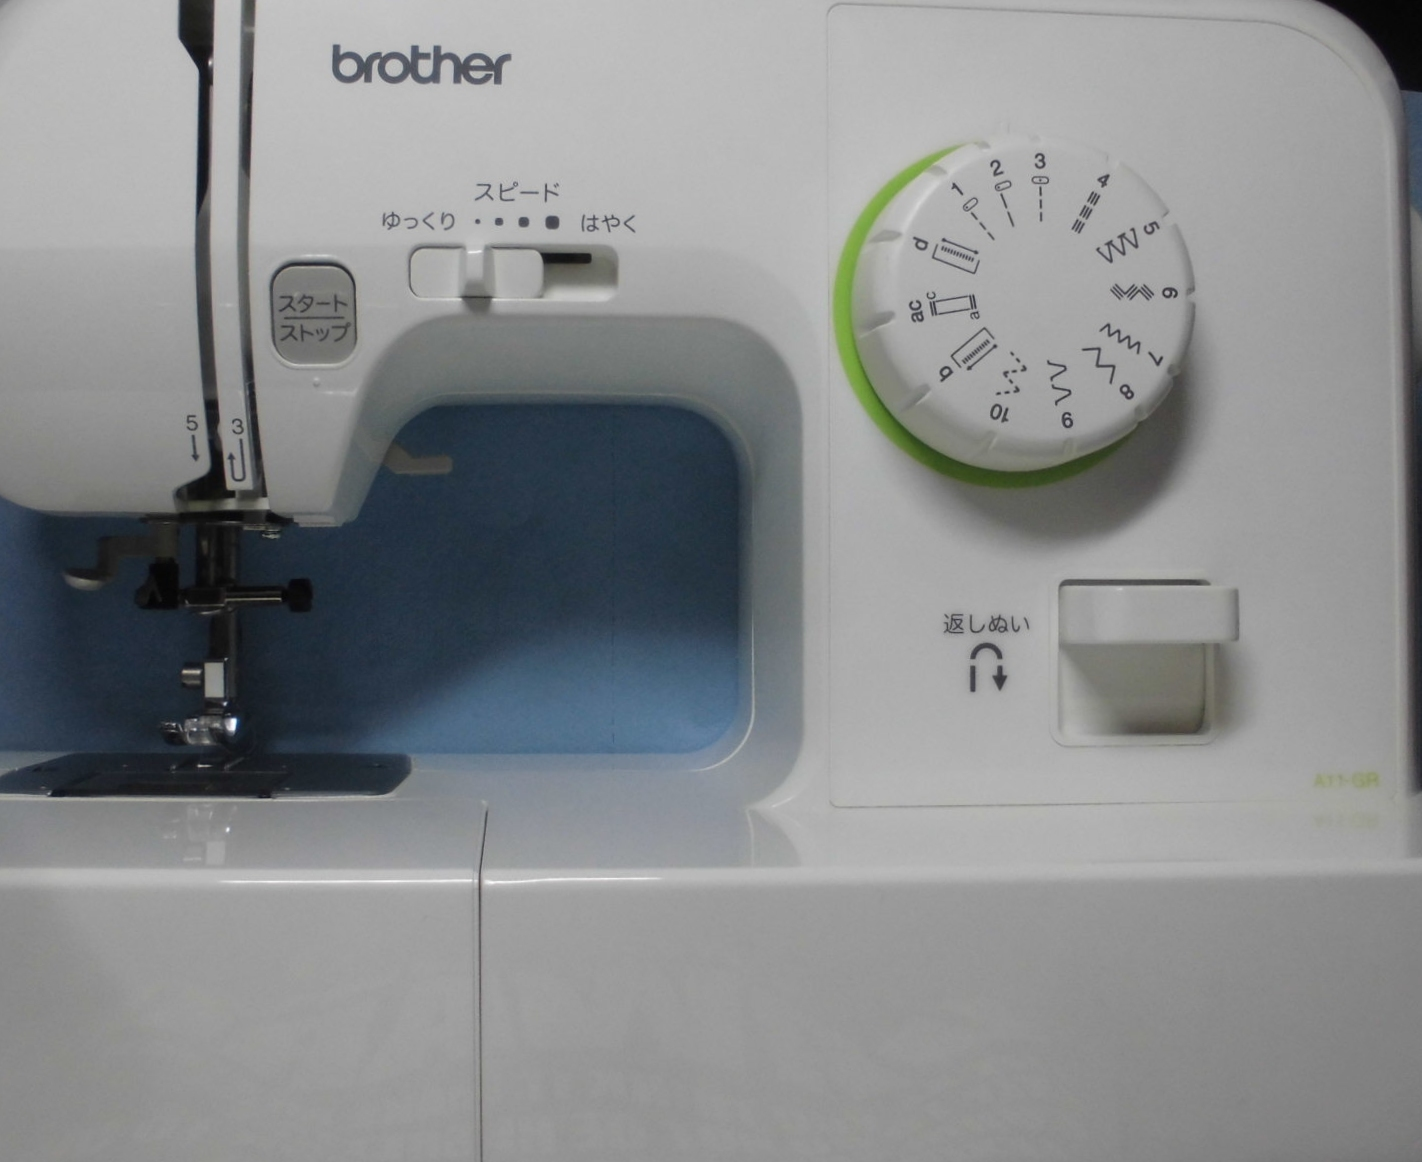 ブラザーミシン修理|EL115シリーズ|縫えない、針が布に刺さららない、釜ずれ